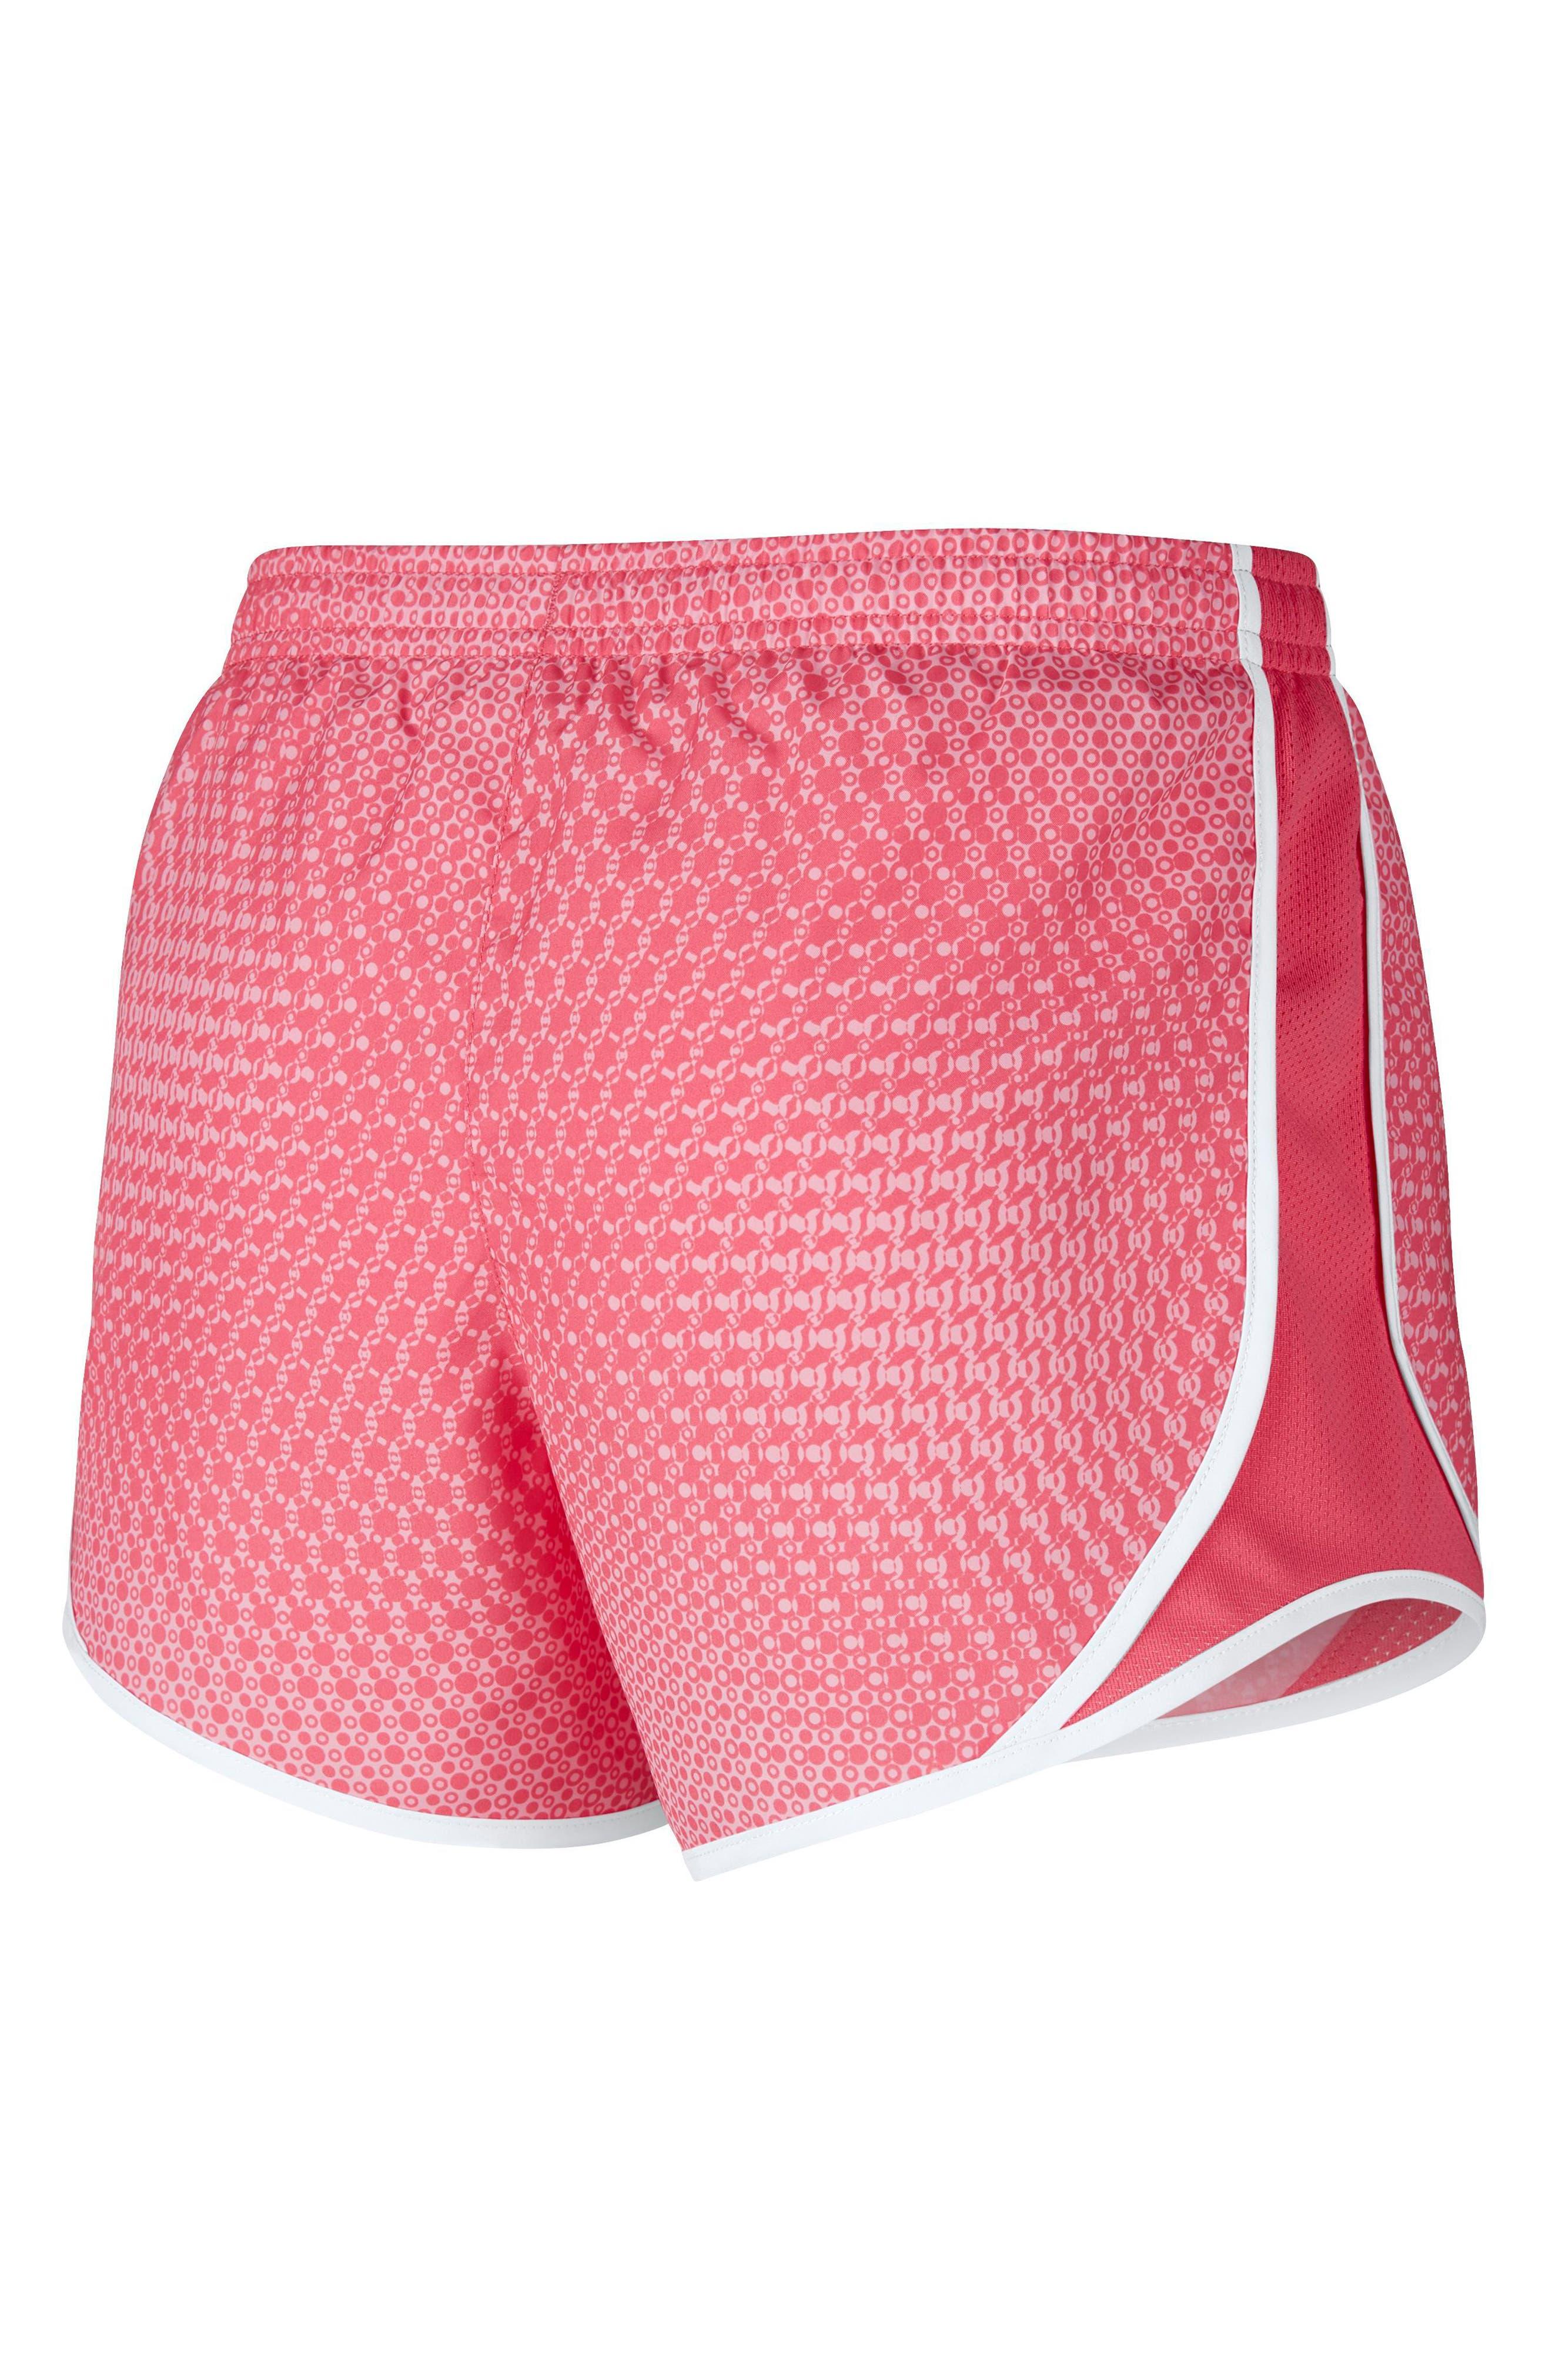 Dry Tempo Shorts,                             Alternate thumbnail 2, color,                             PINK NEBULA/ WHITE